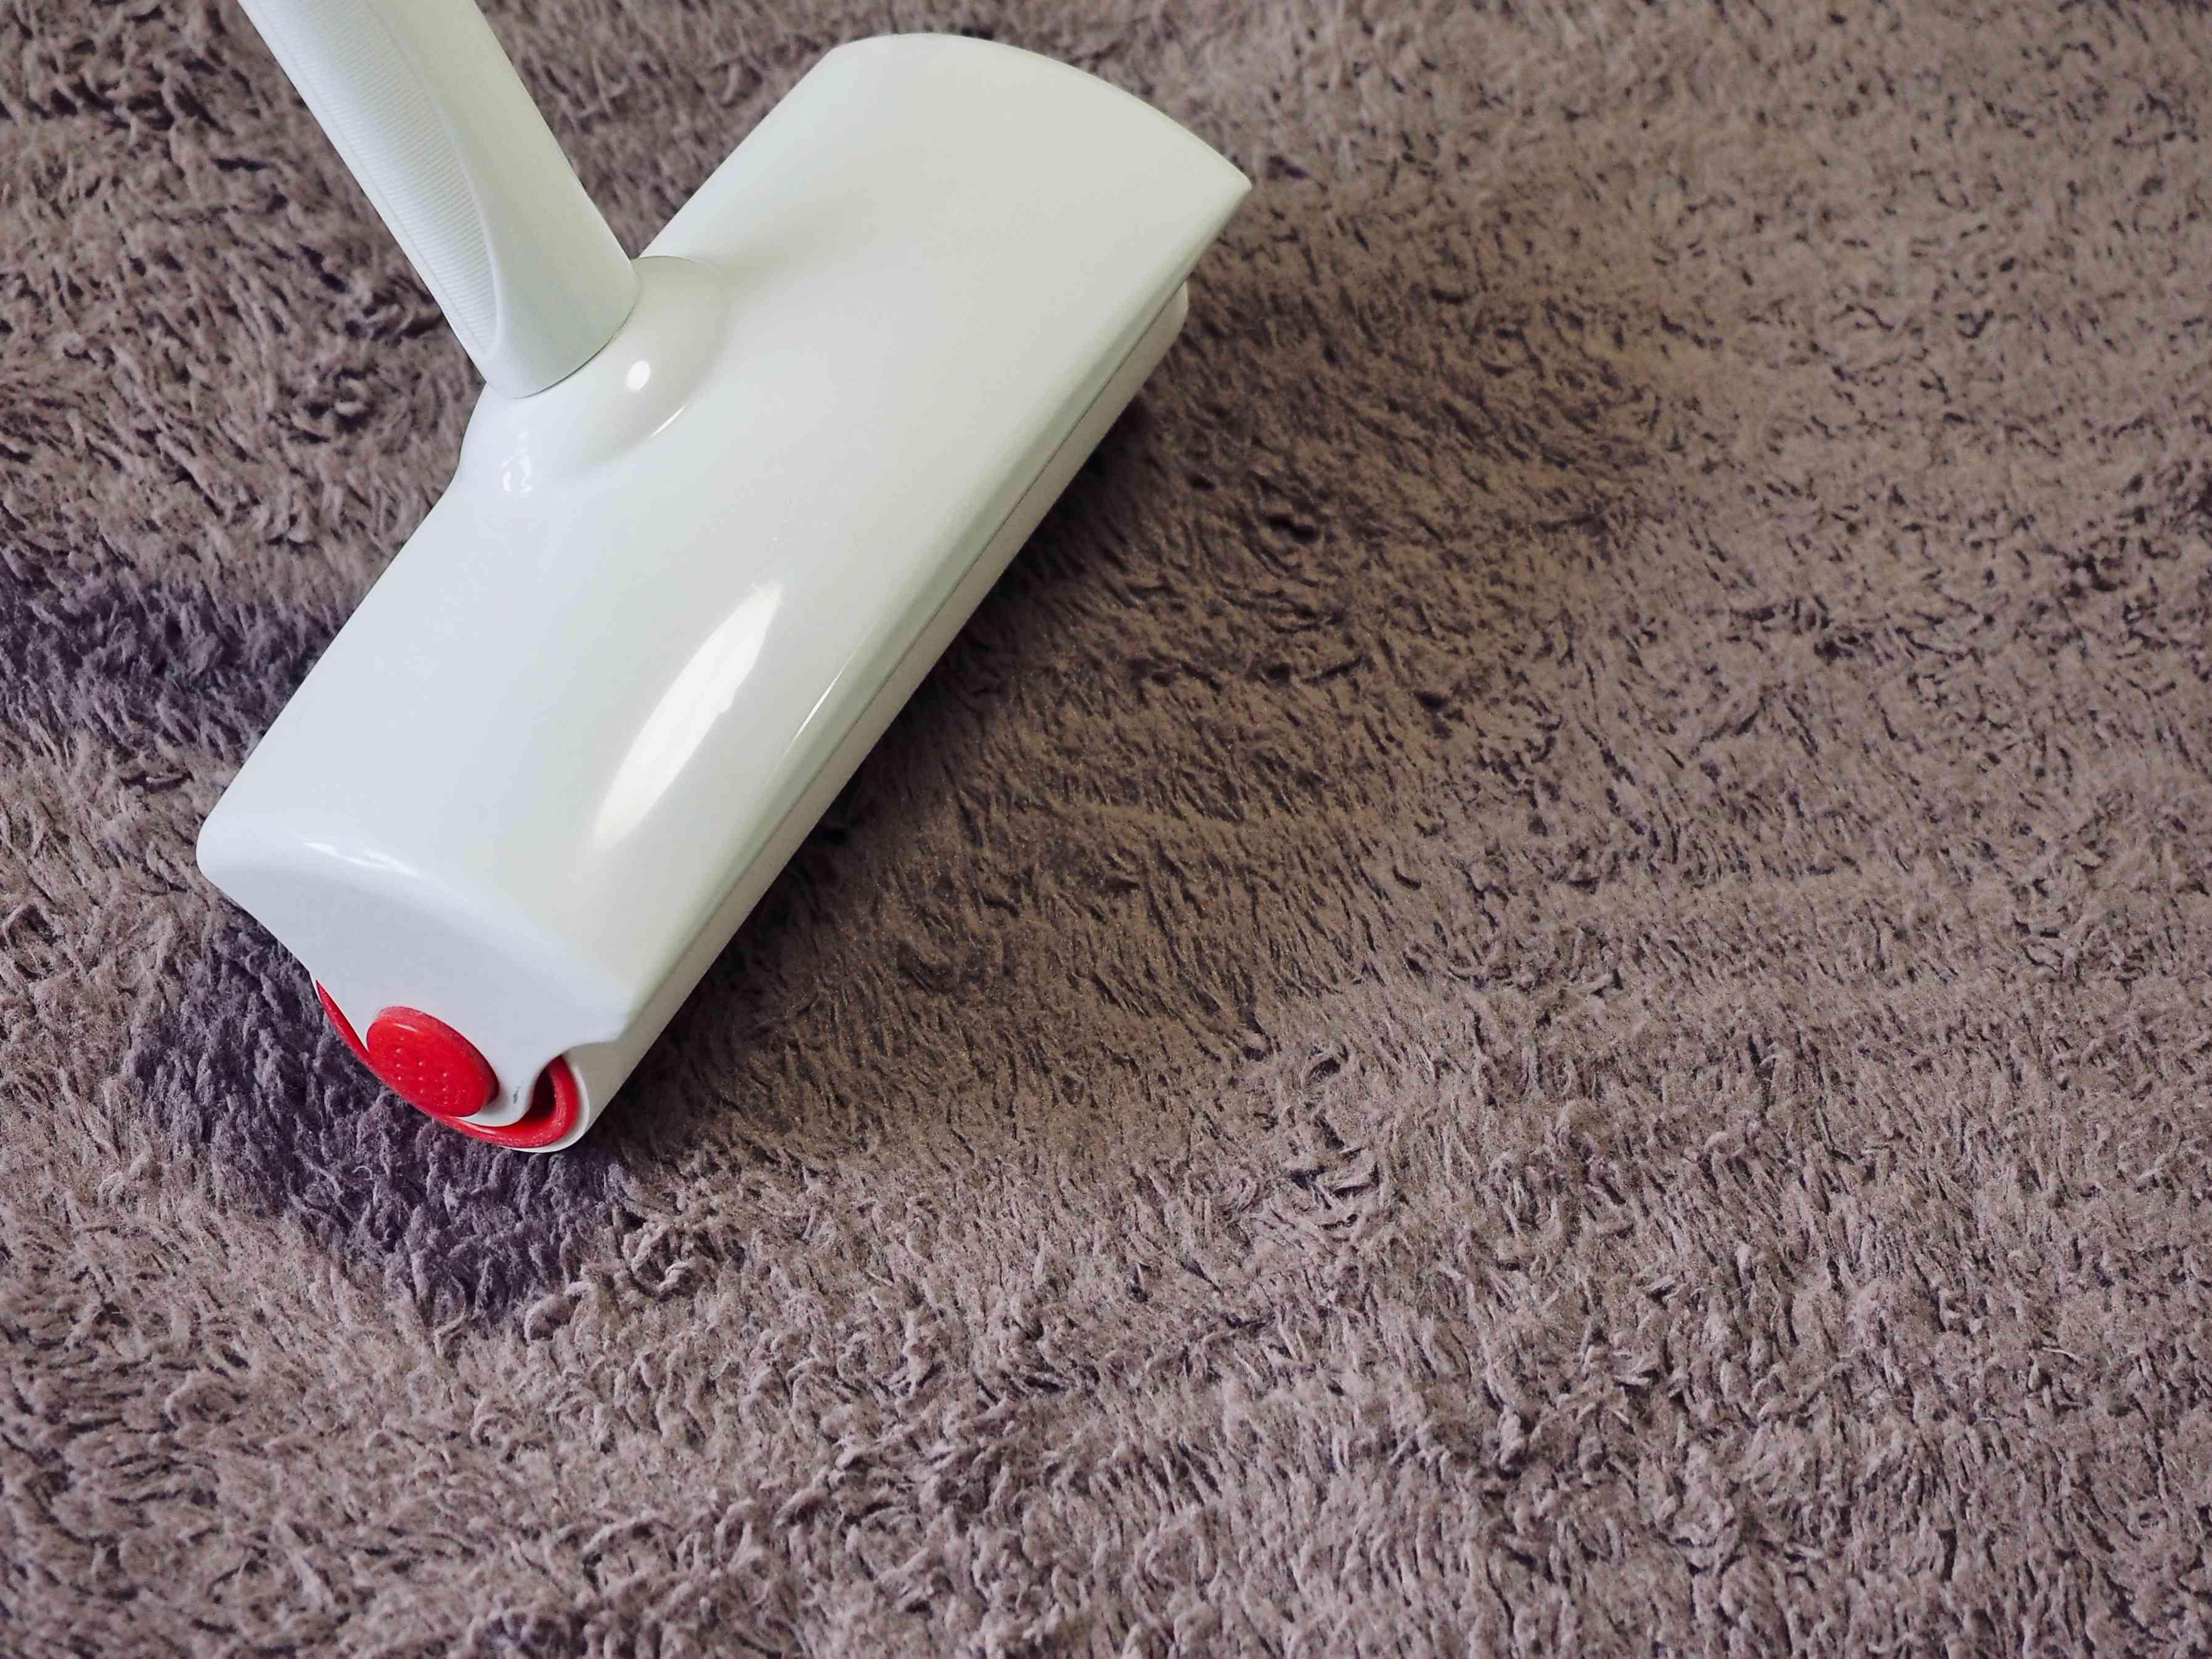 White floor sticky roller on gray carpet